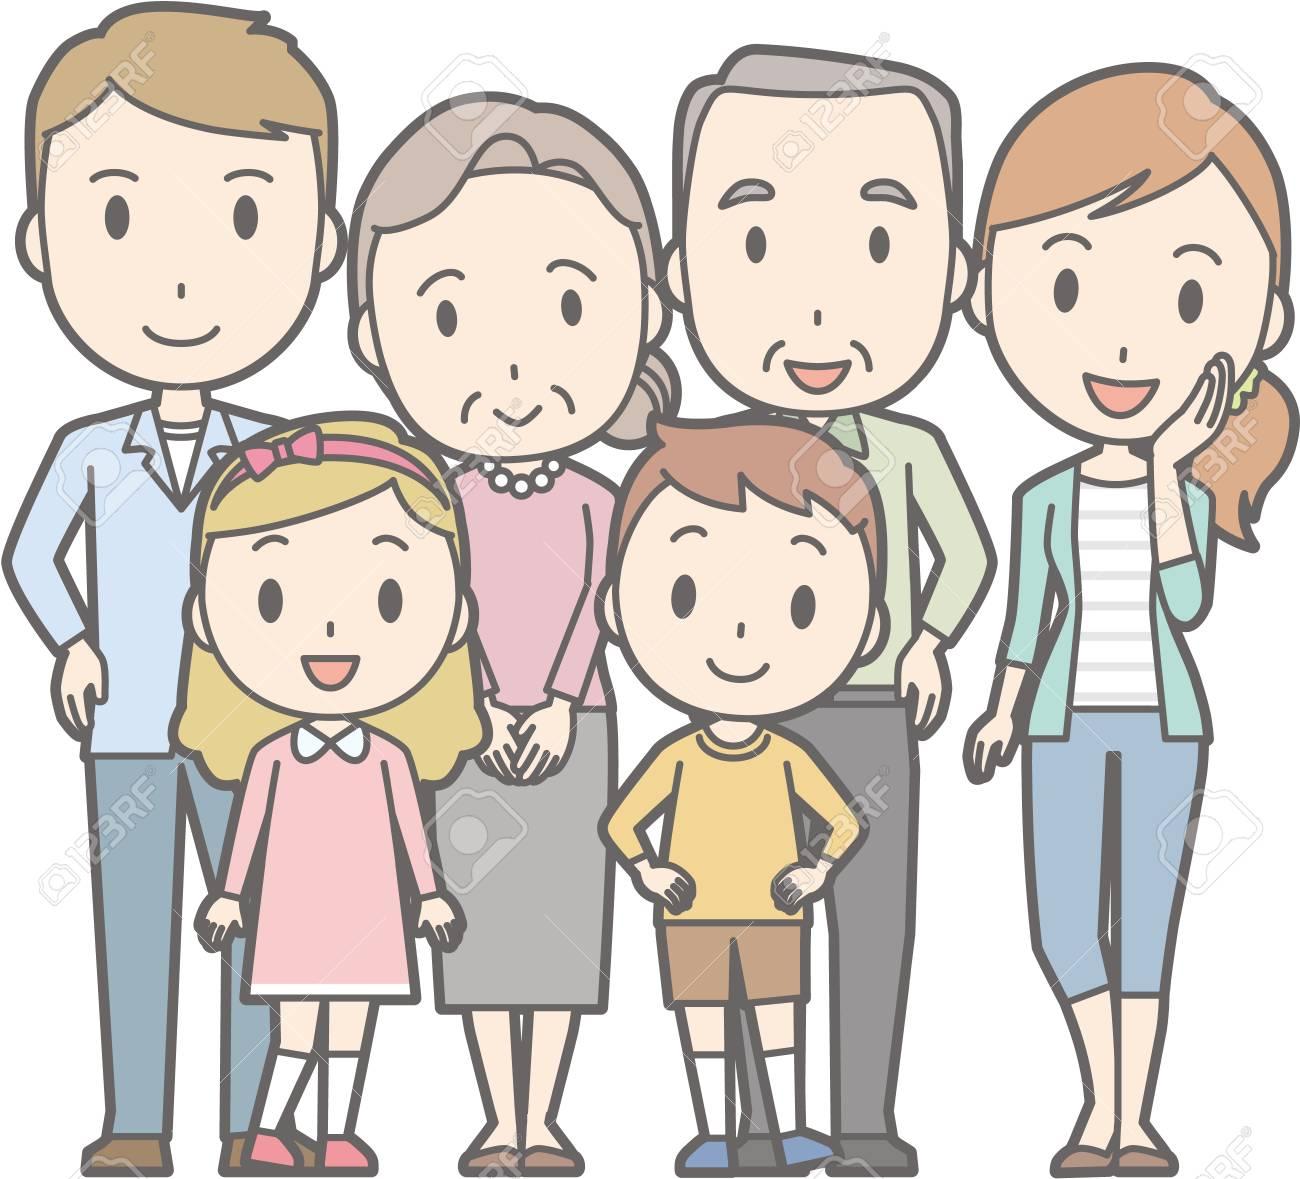 幸せな家族 No02 63 Generations の家族のイラスト素材ベクタ